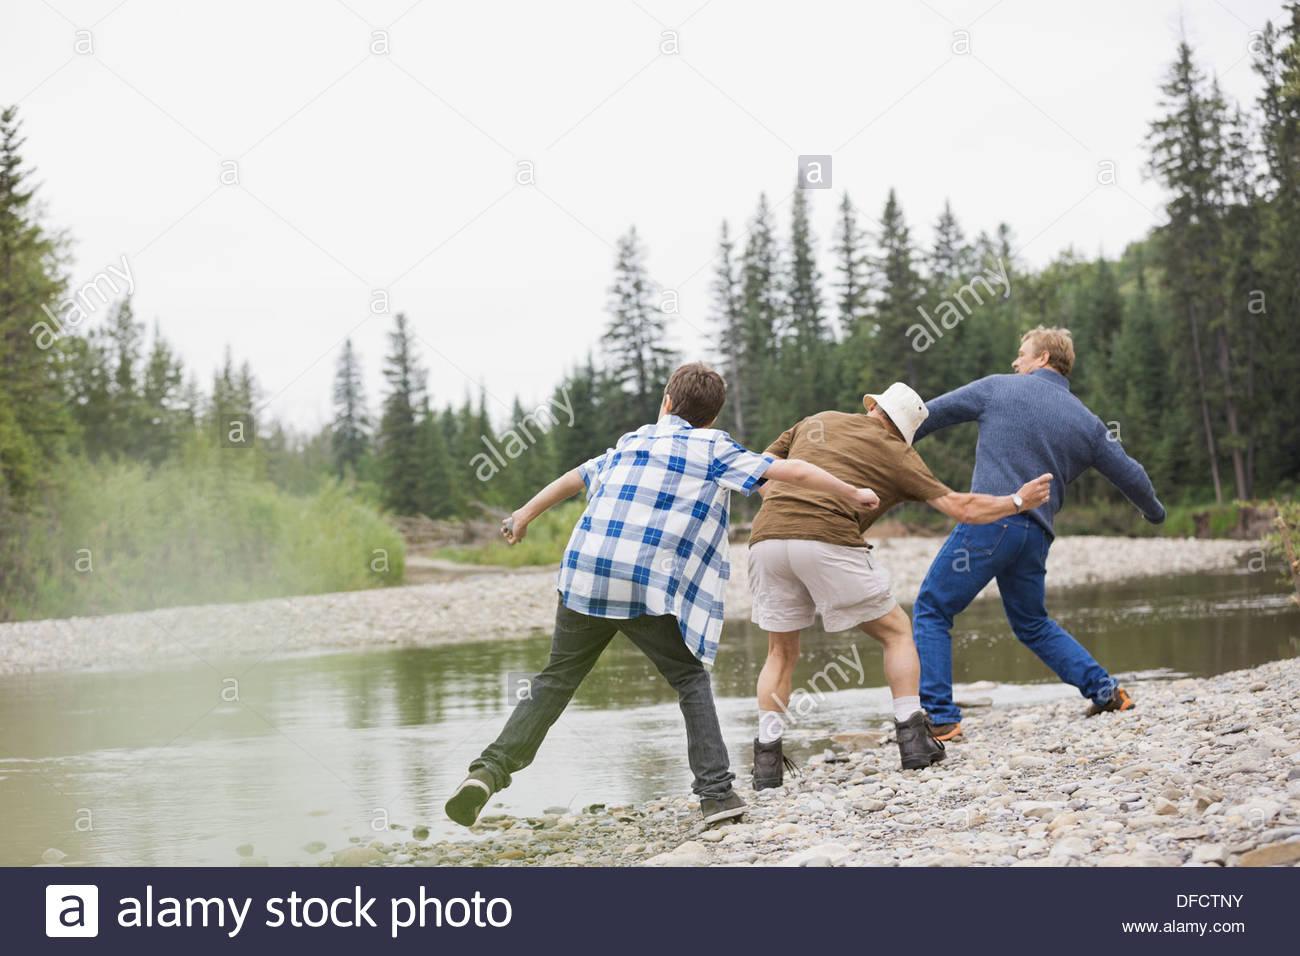 Membri maschi della famiglia il salto di rocce sulle rive di un fiume Immagini Stock